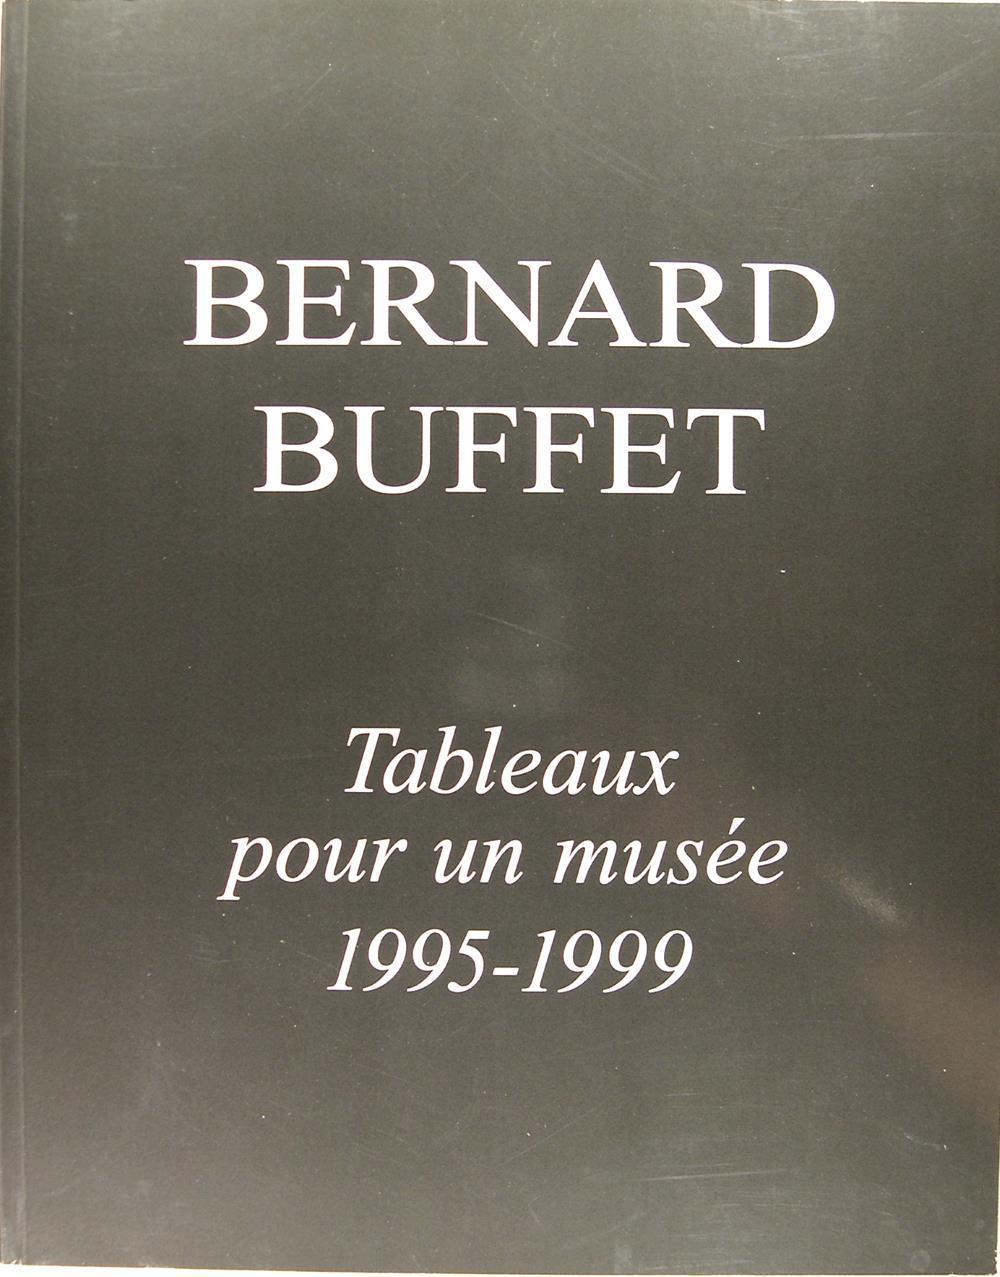 Bernard Buffet : Tableau pour un musée 1995-1999. - Galerie Maurice Garnier (François Mauriac)